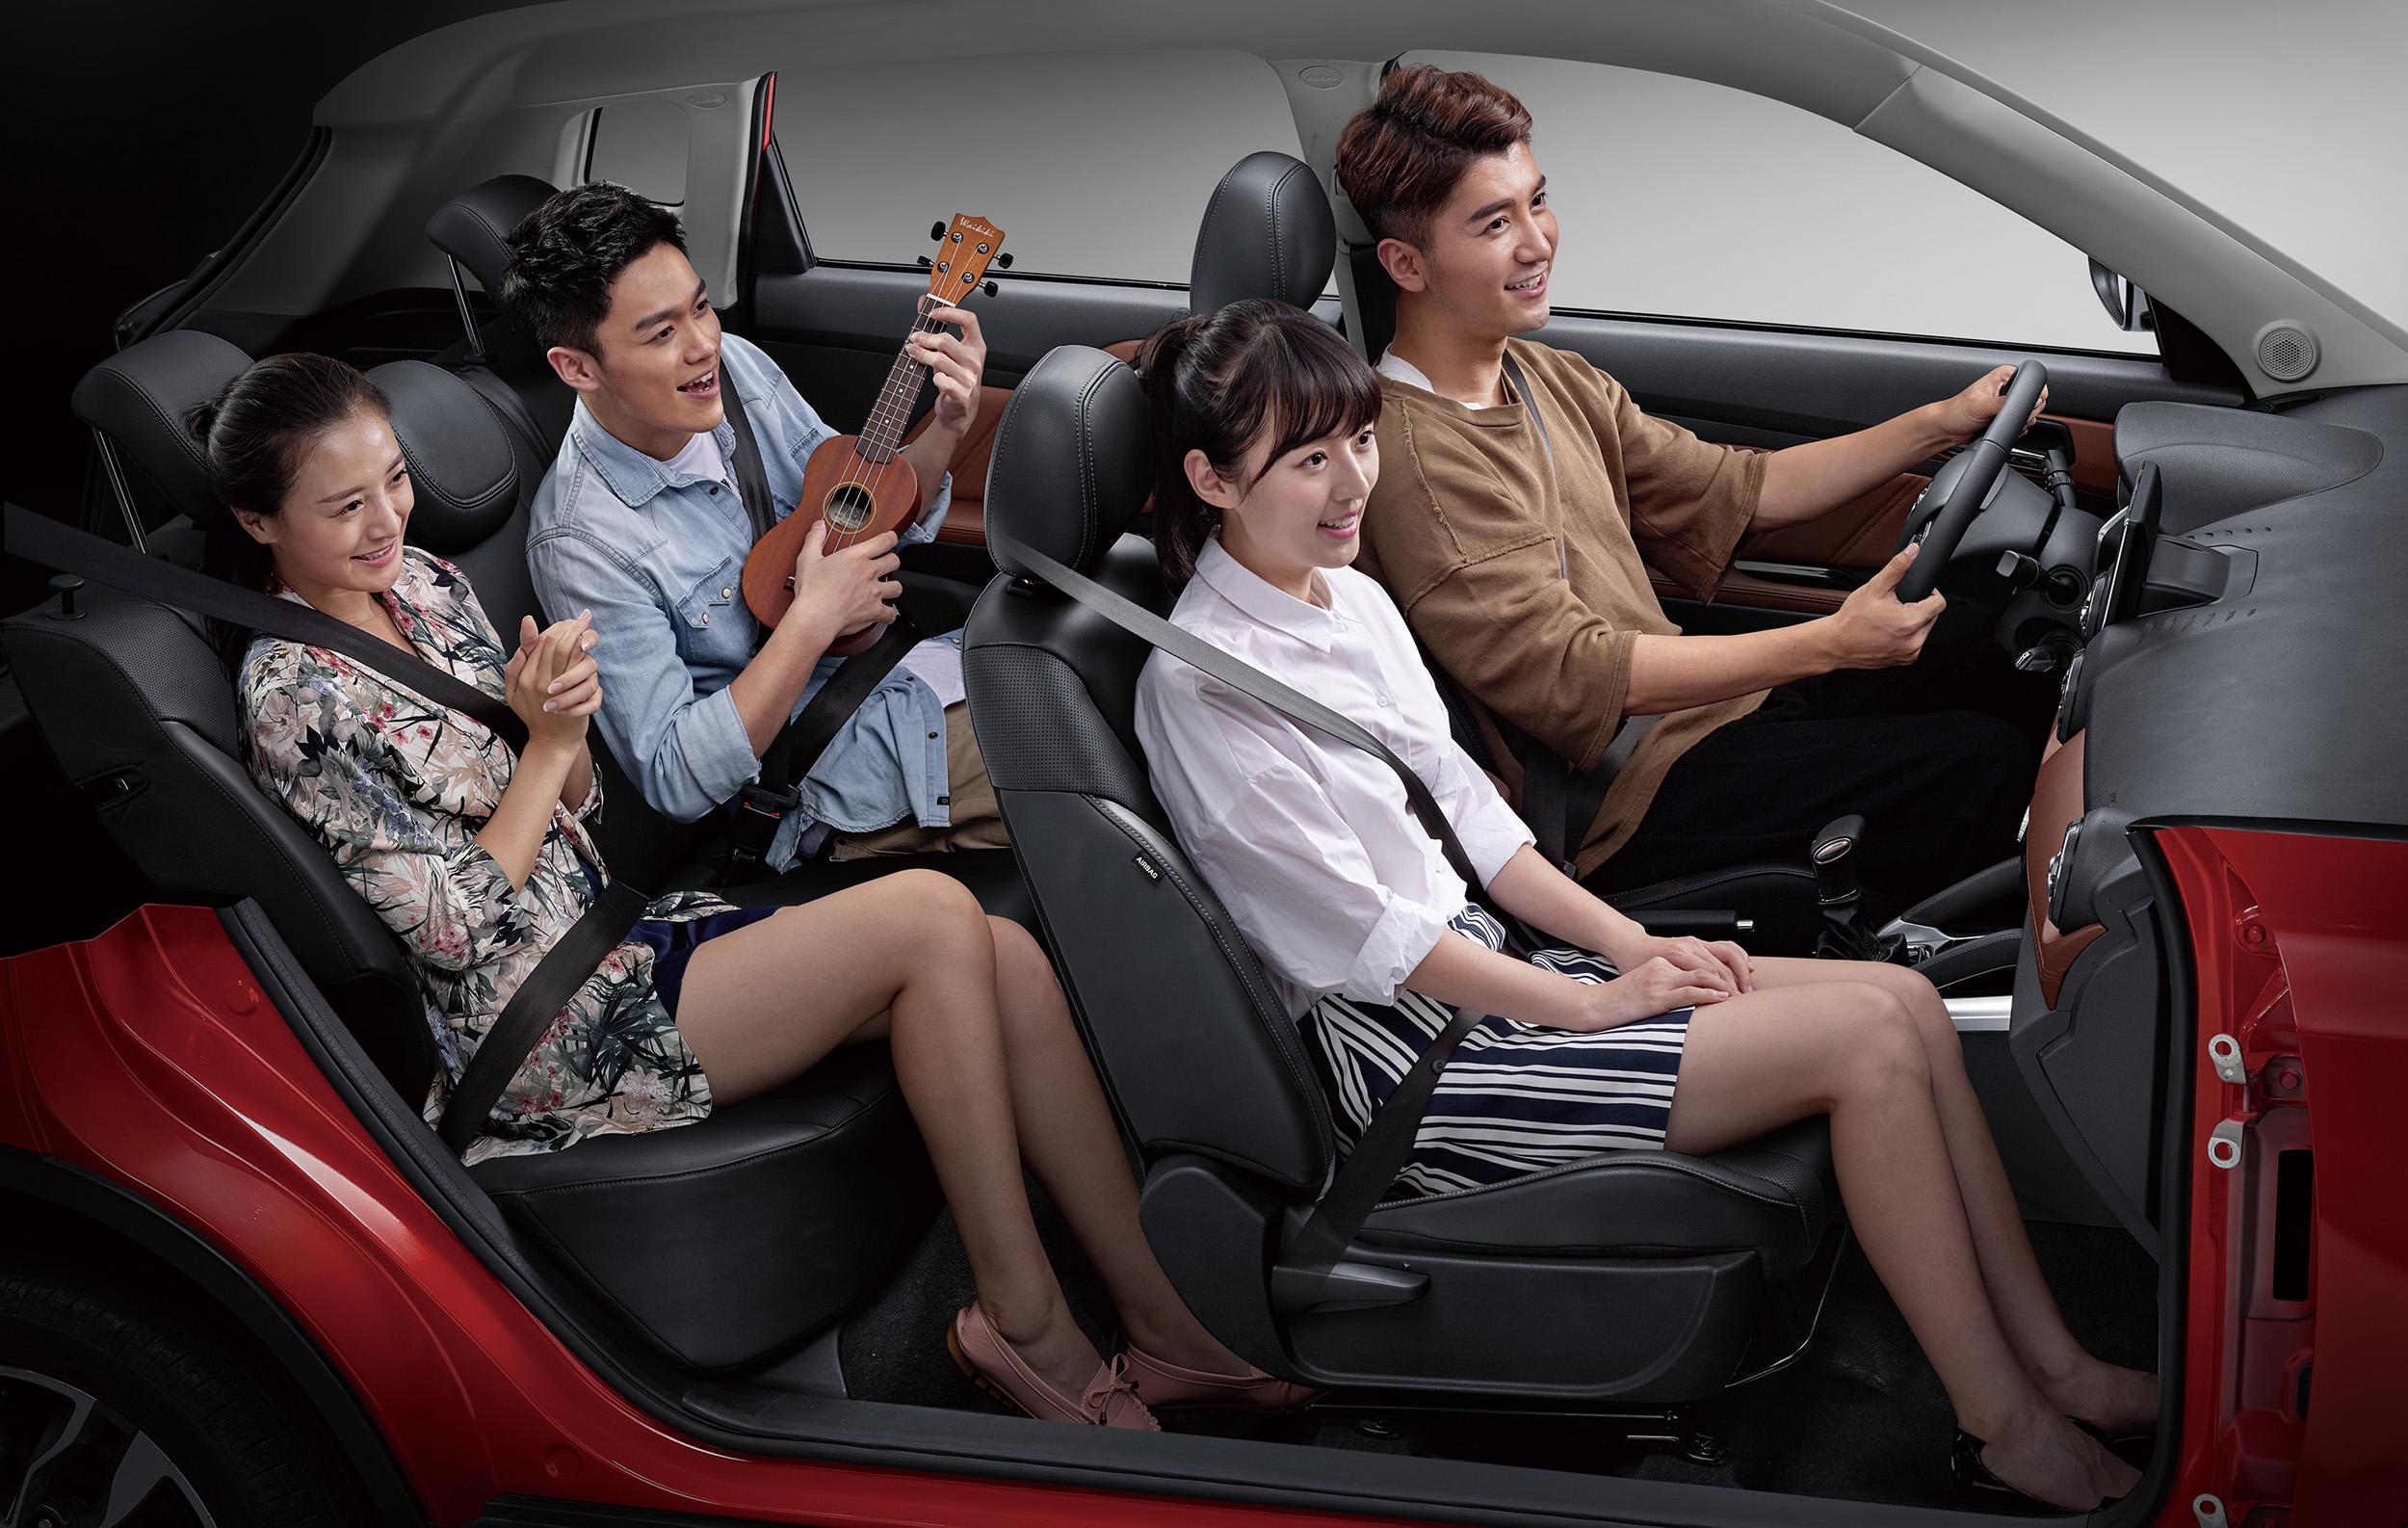 广告摄影 汽车广告摄影 昌河q35 模特拍摄,上海汽车摄影 汽车广告摄影